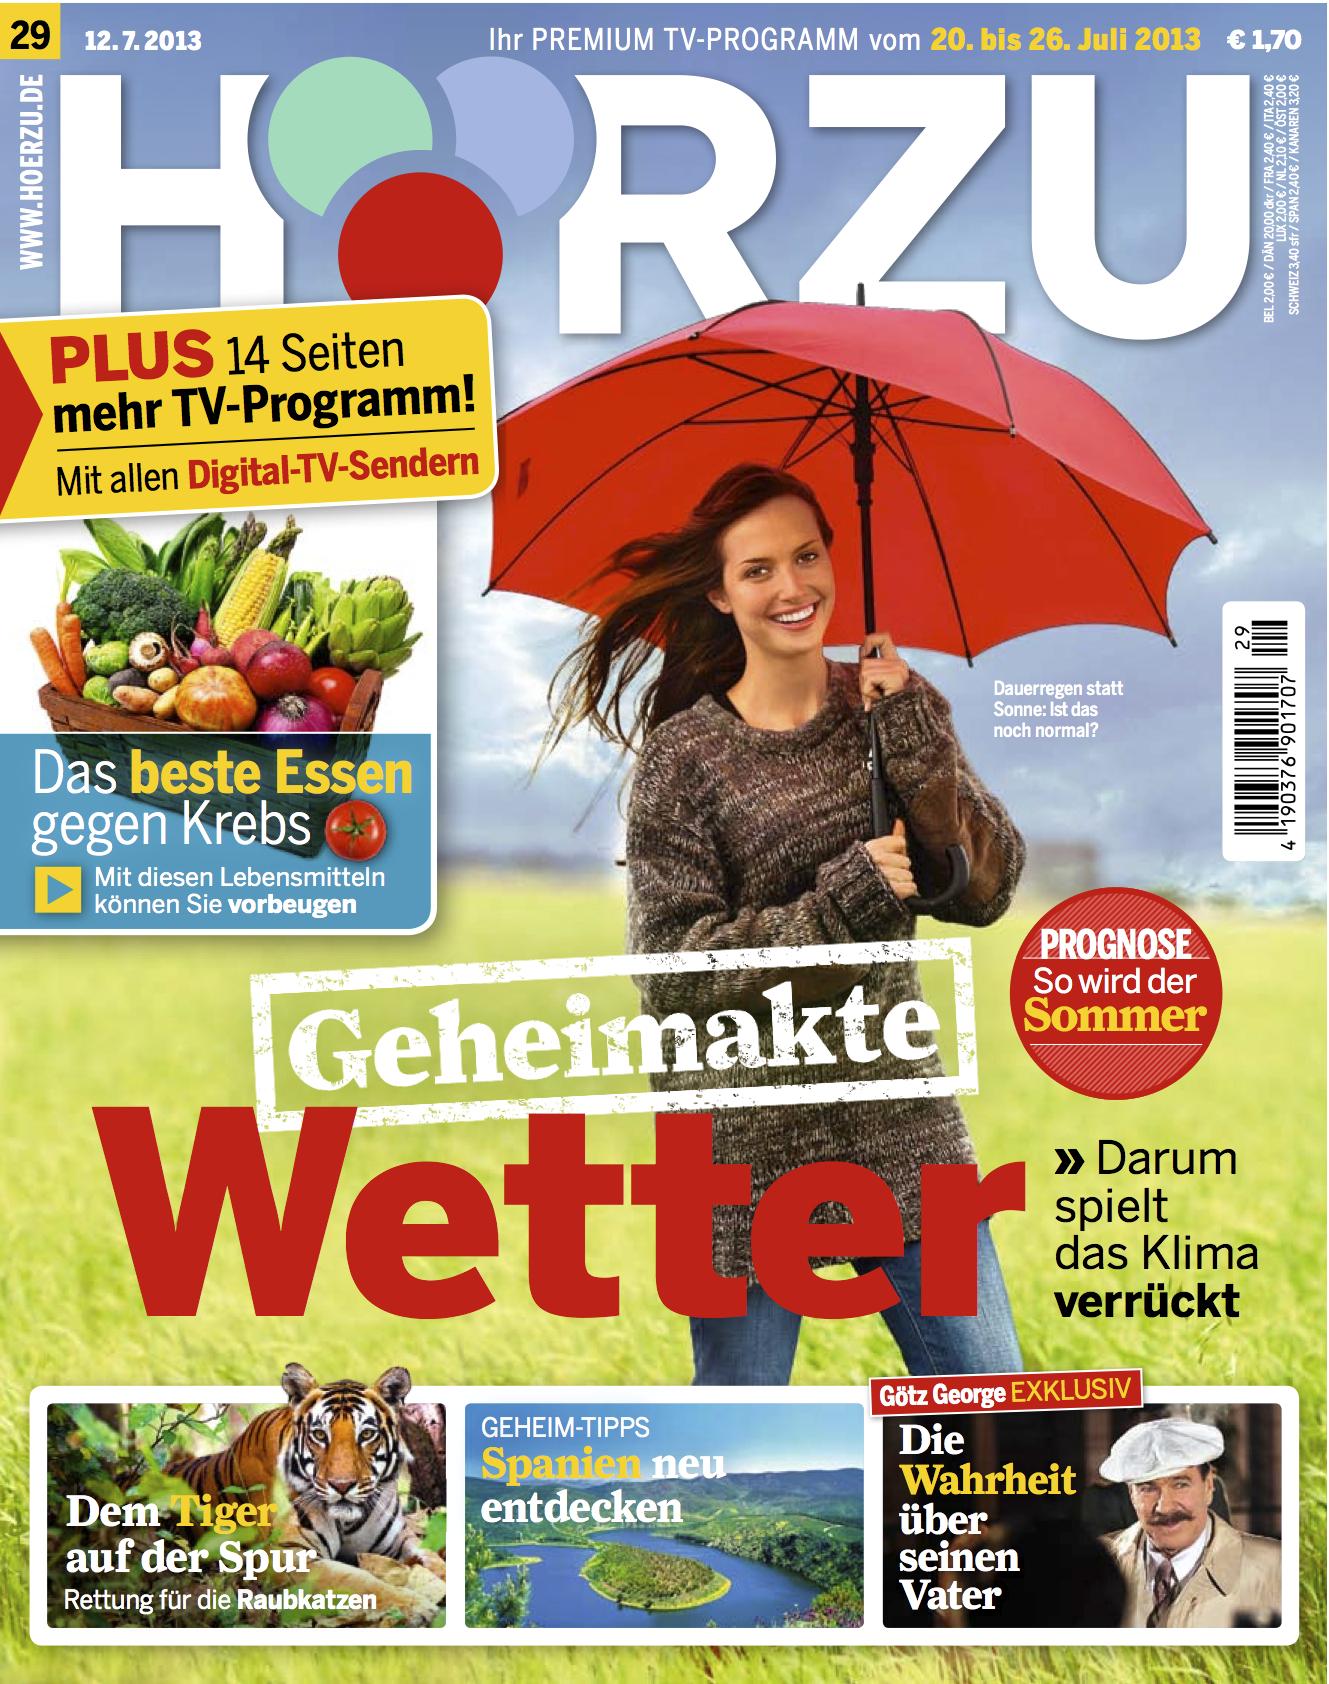 HZ_12.7.2013_Cover.jpg